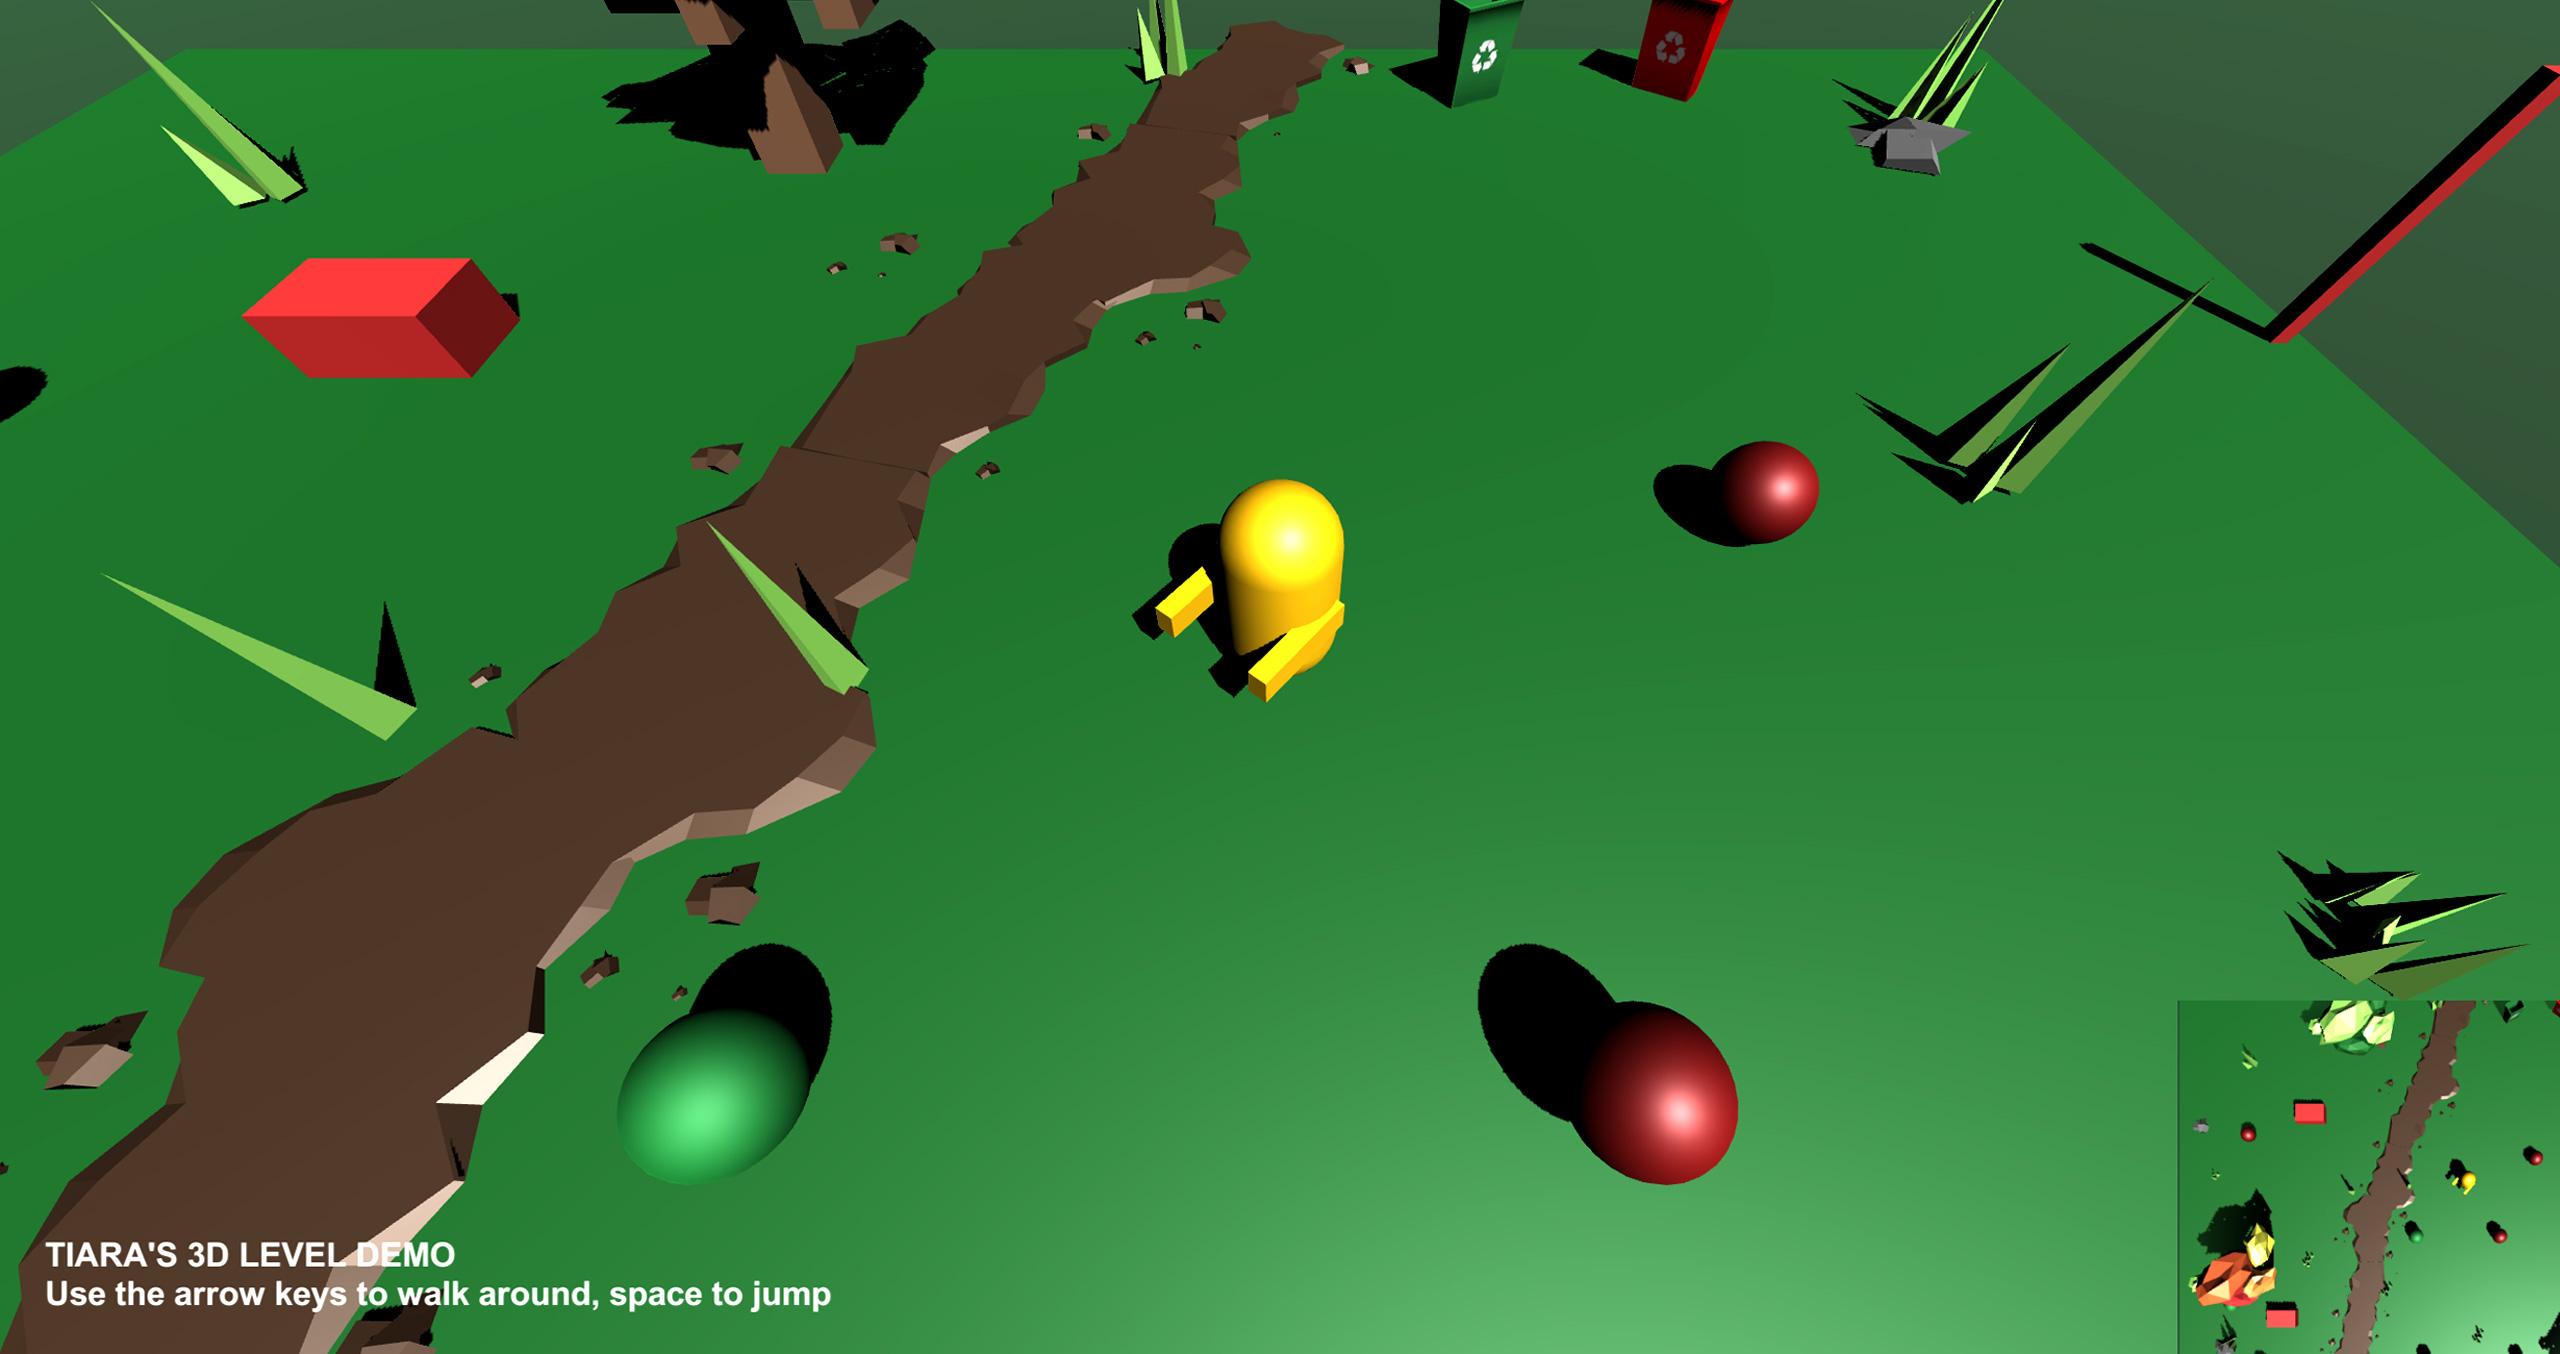 Tiara's 3D Gameworld